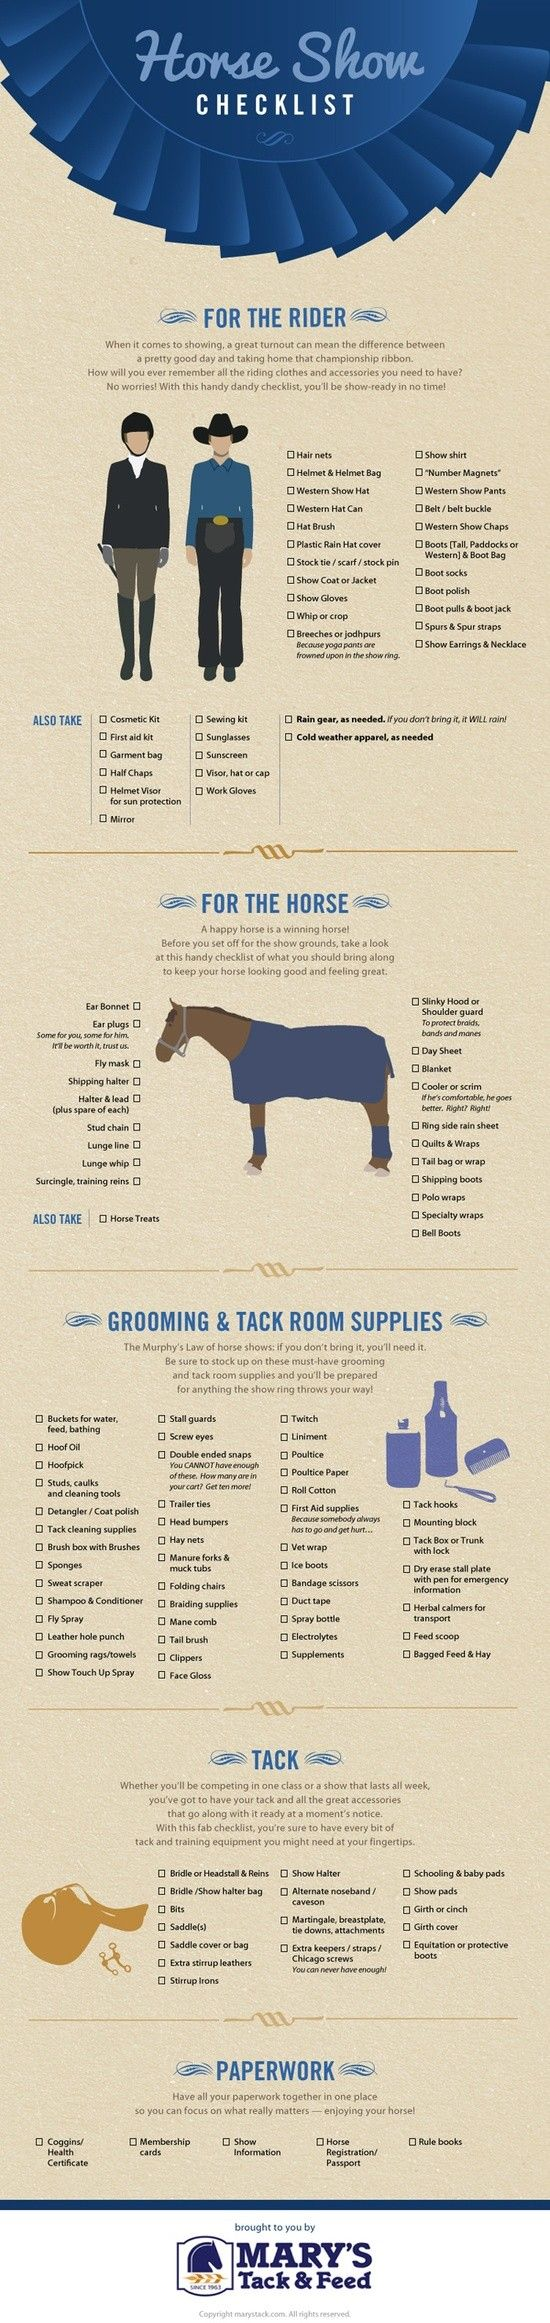 Horse Show checklist - checklist concours équitation